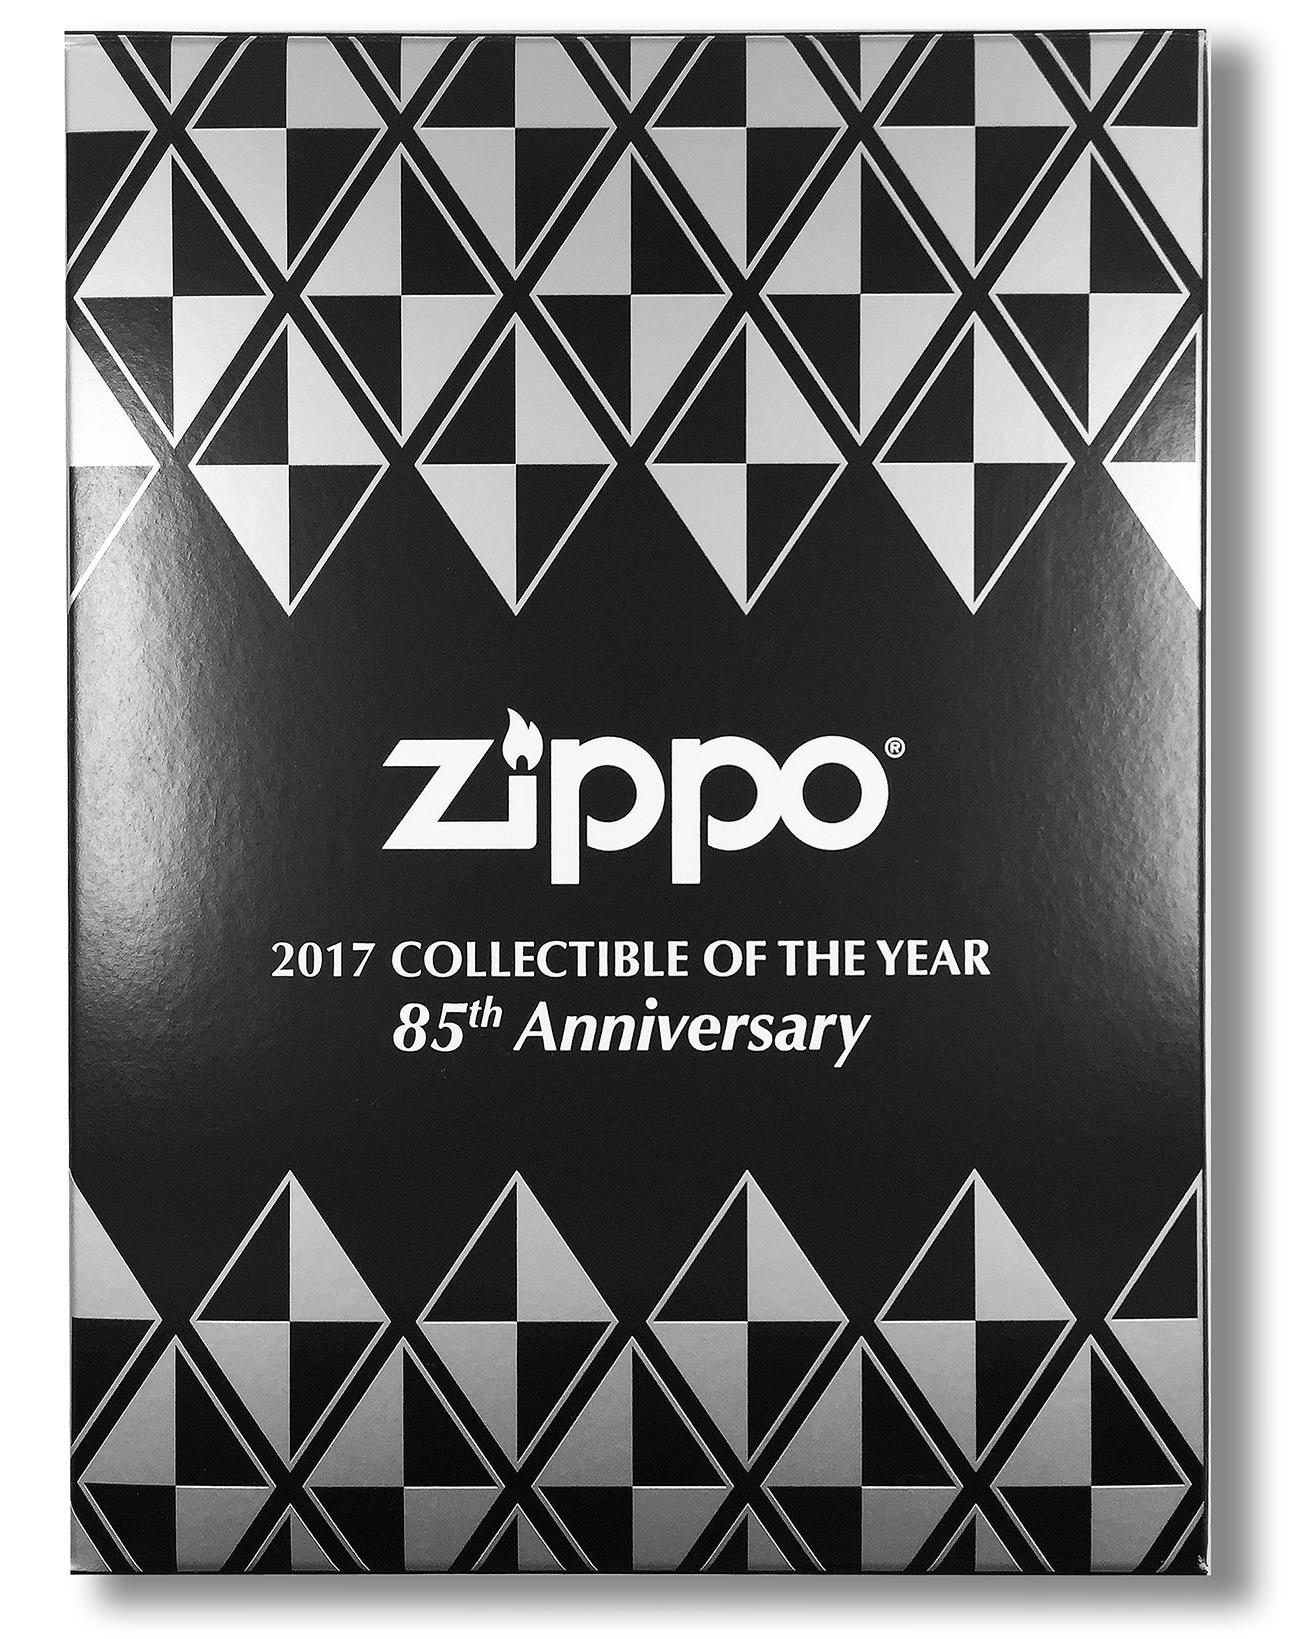 29442 Зажигалка Zippo 85th Anniversary Collectible, Armor Polish Chrome в индивидуальной коллекционной упаковке